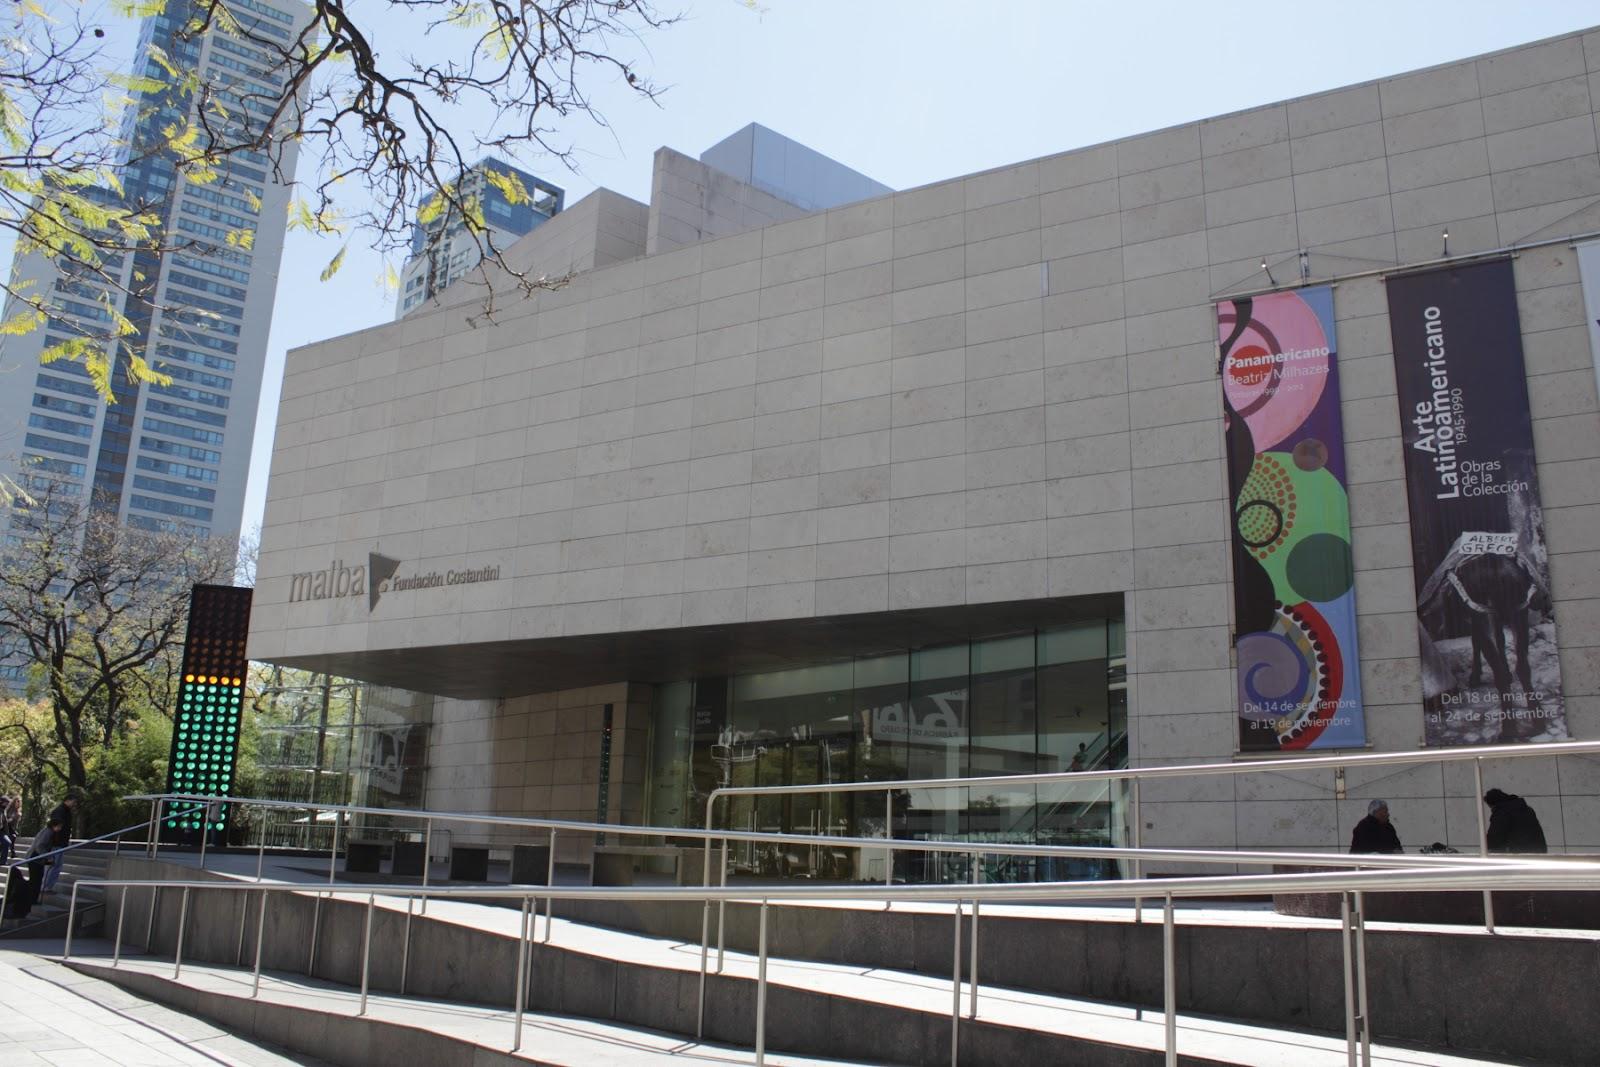 MALBA - Museo de Arte Latinoamericano de Buenos Aires (Latin American Art Museum of Buenos Aires)